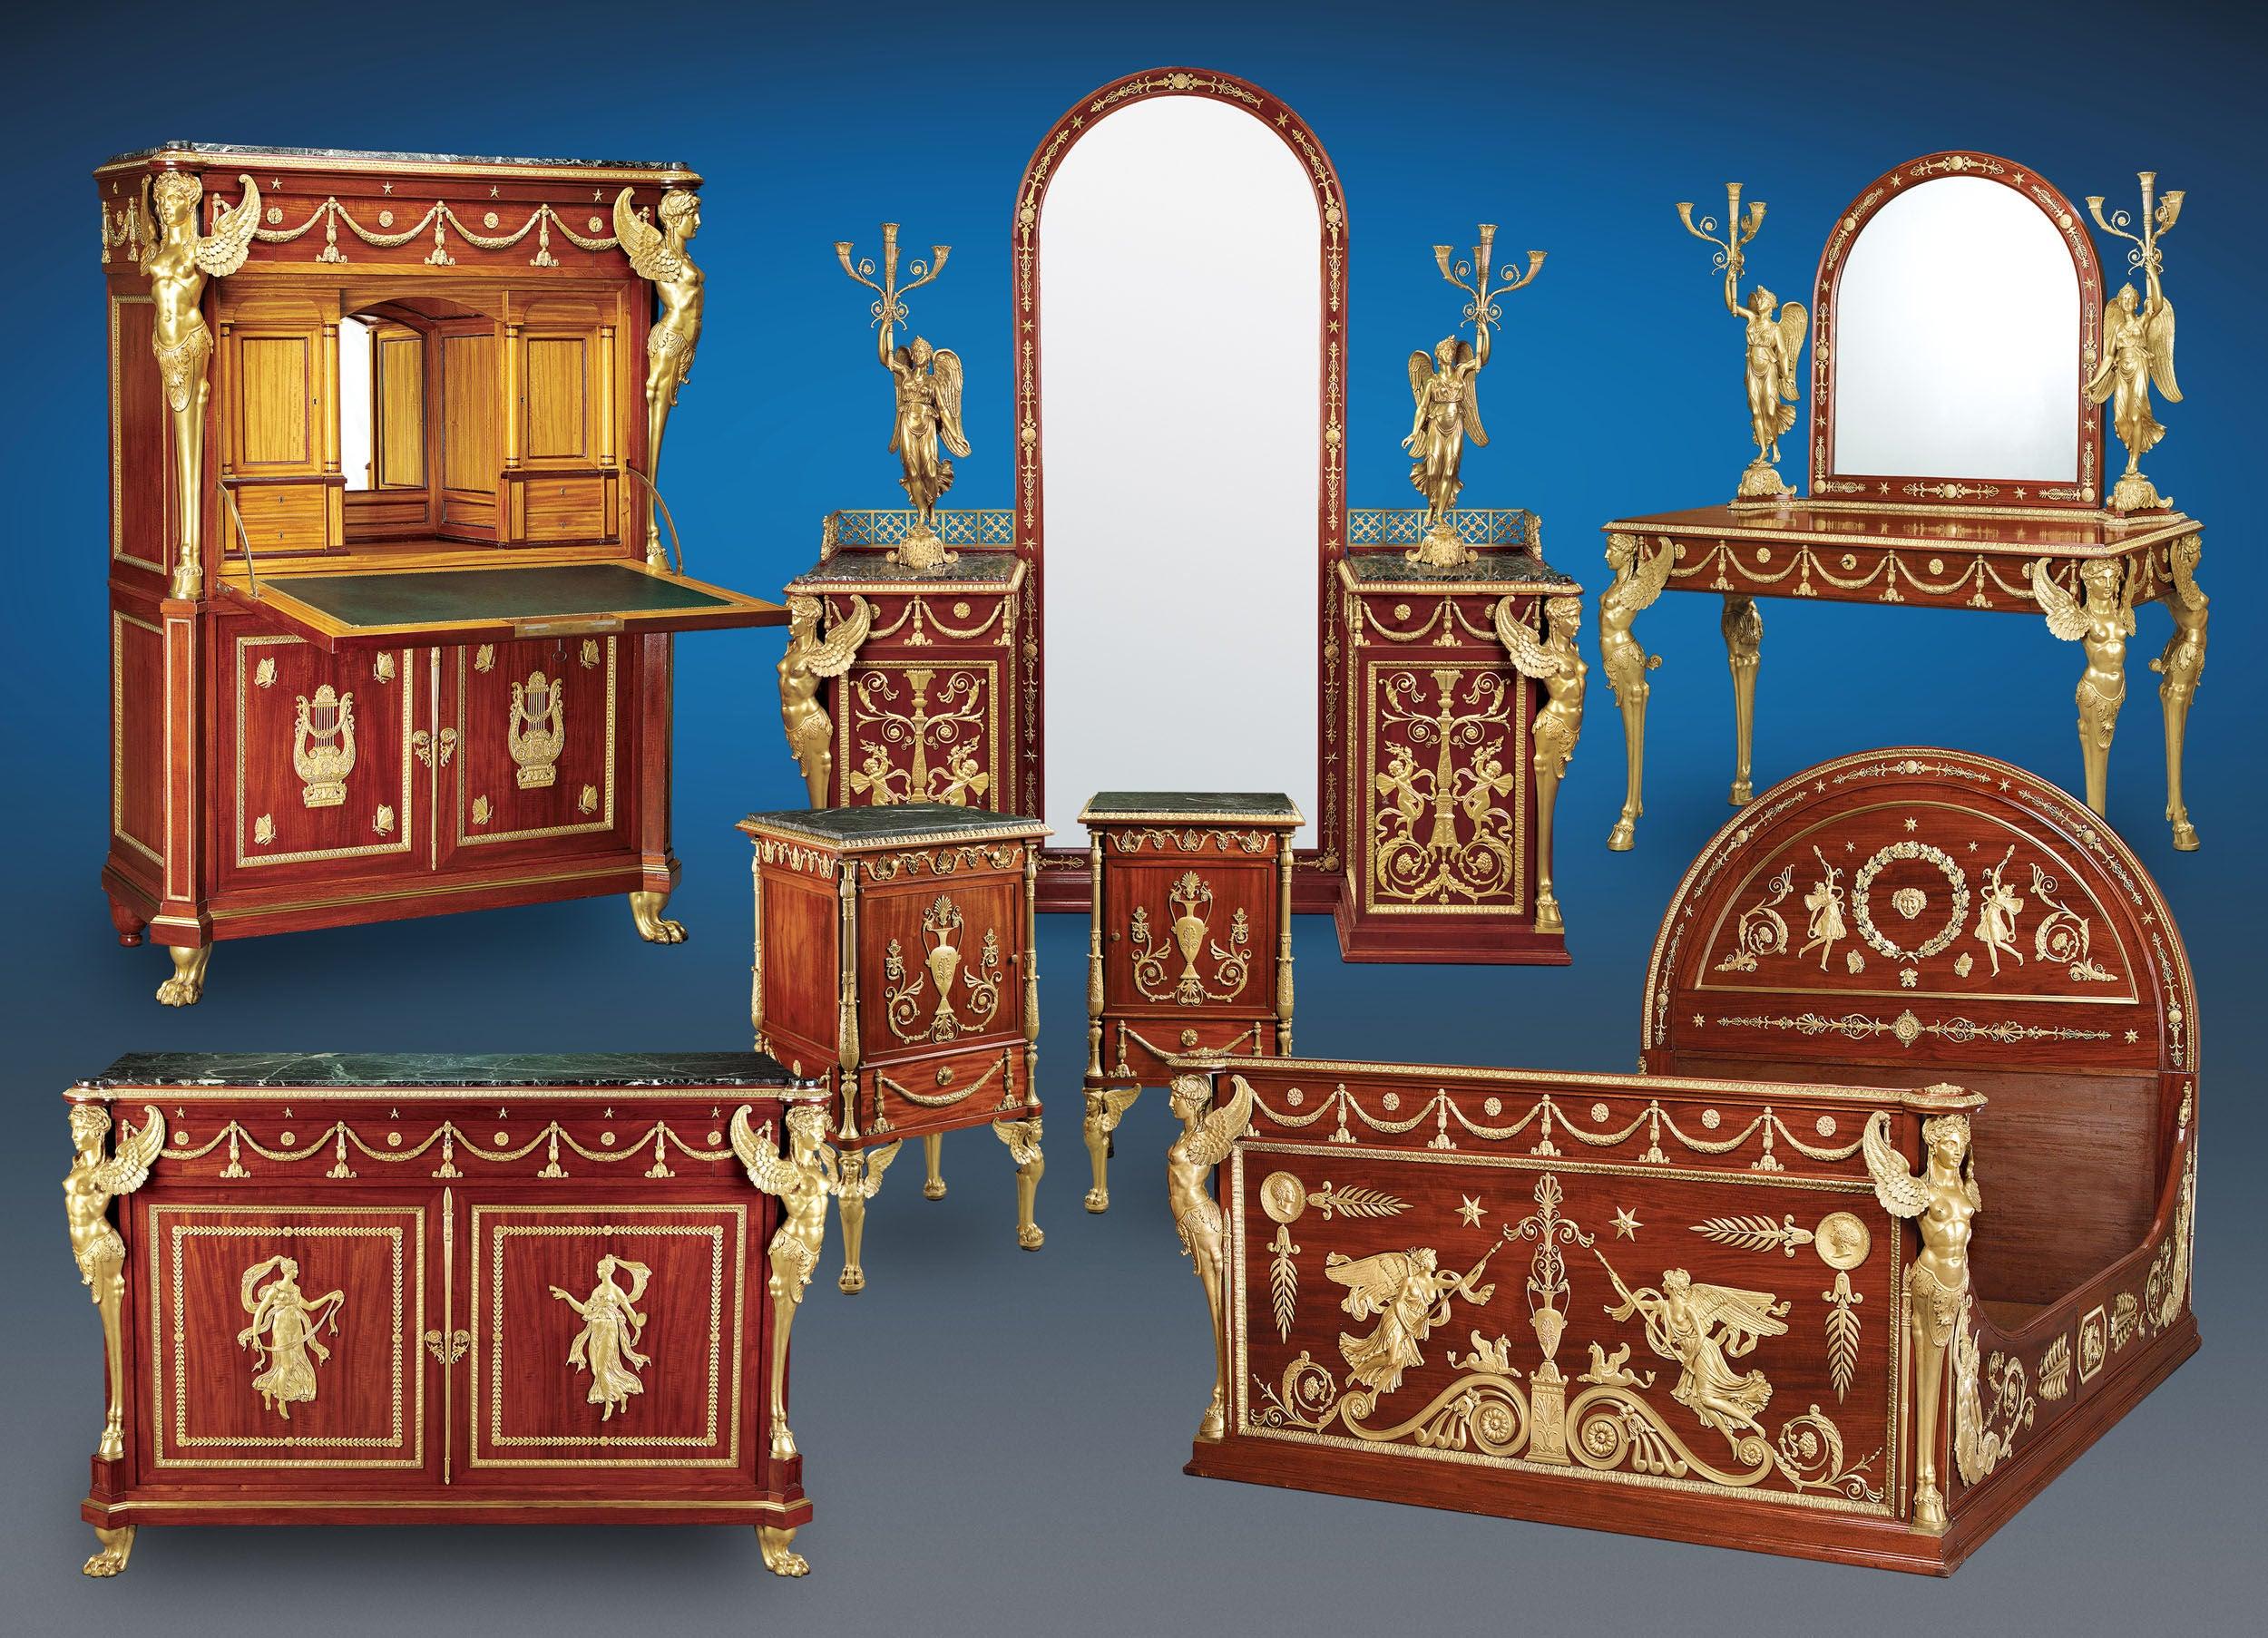 bedroom chair m&s images clip art m s rau antiques new orleans la 70130 1stdibs